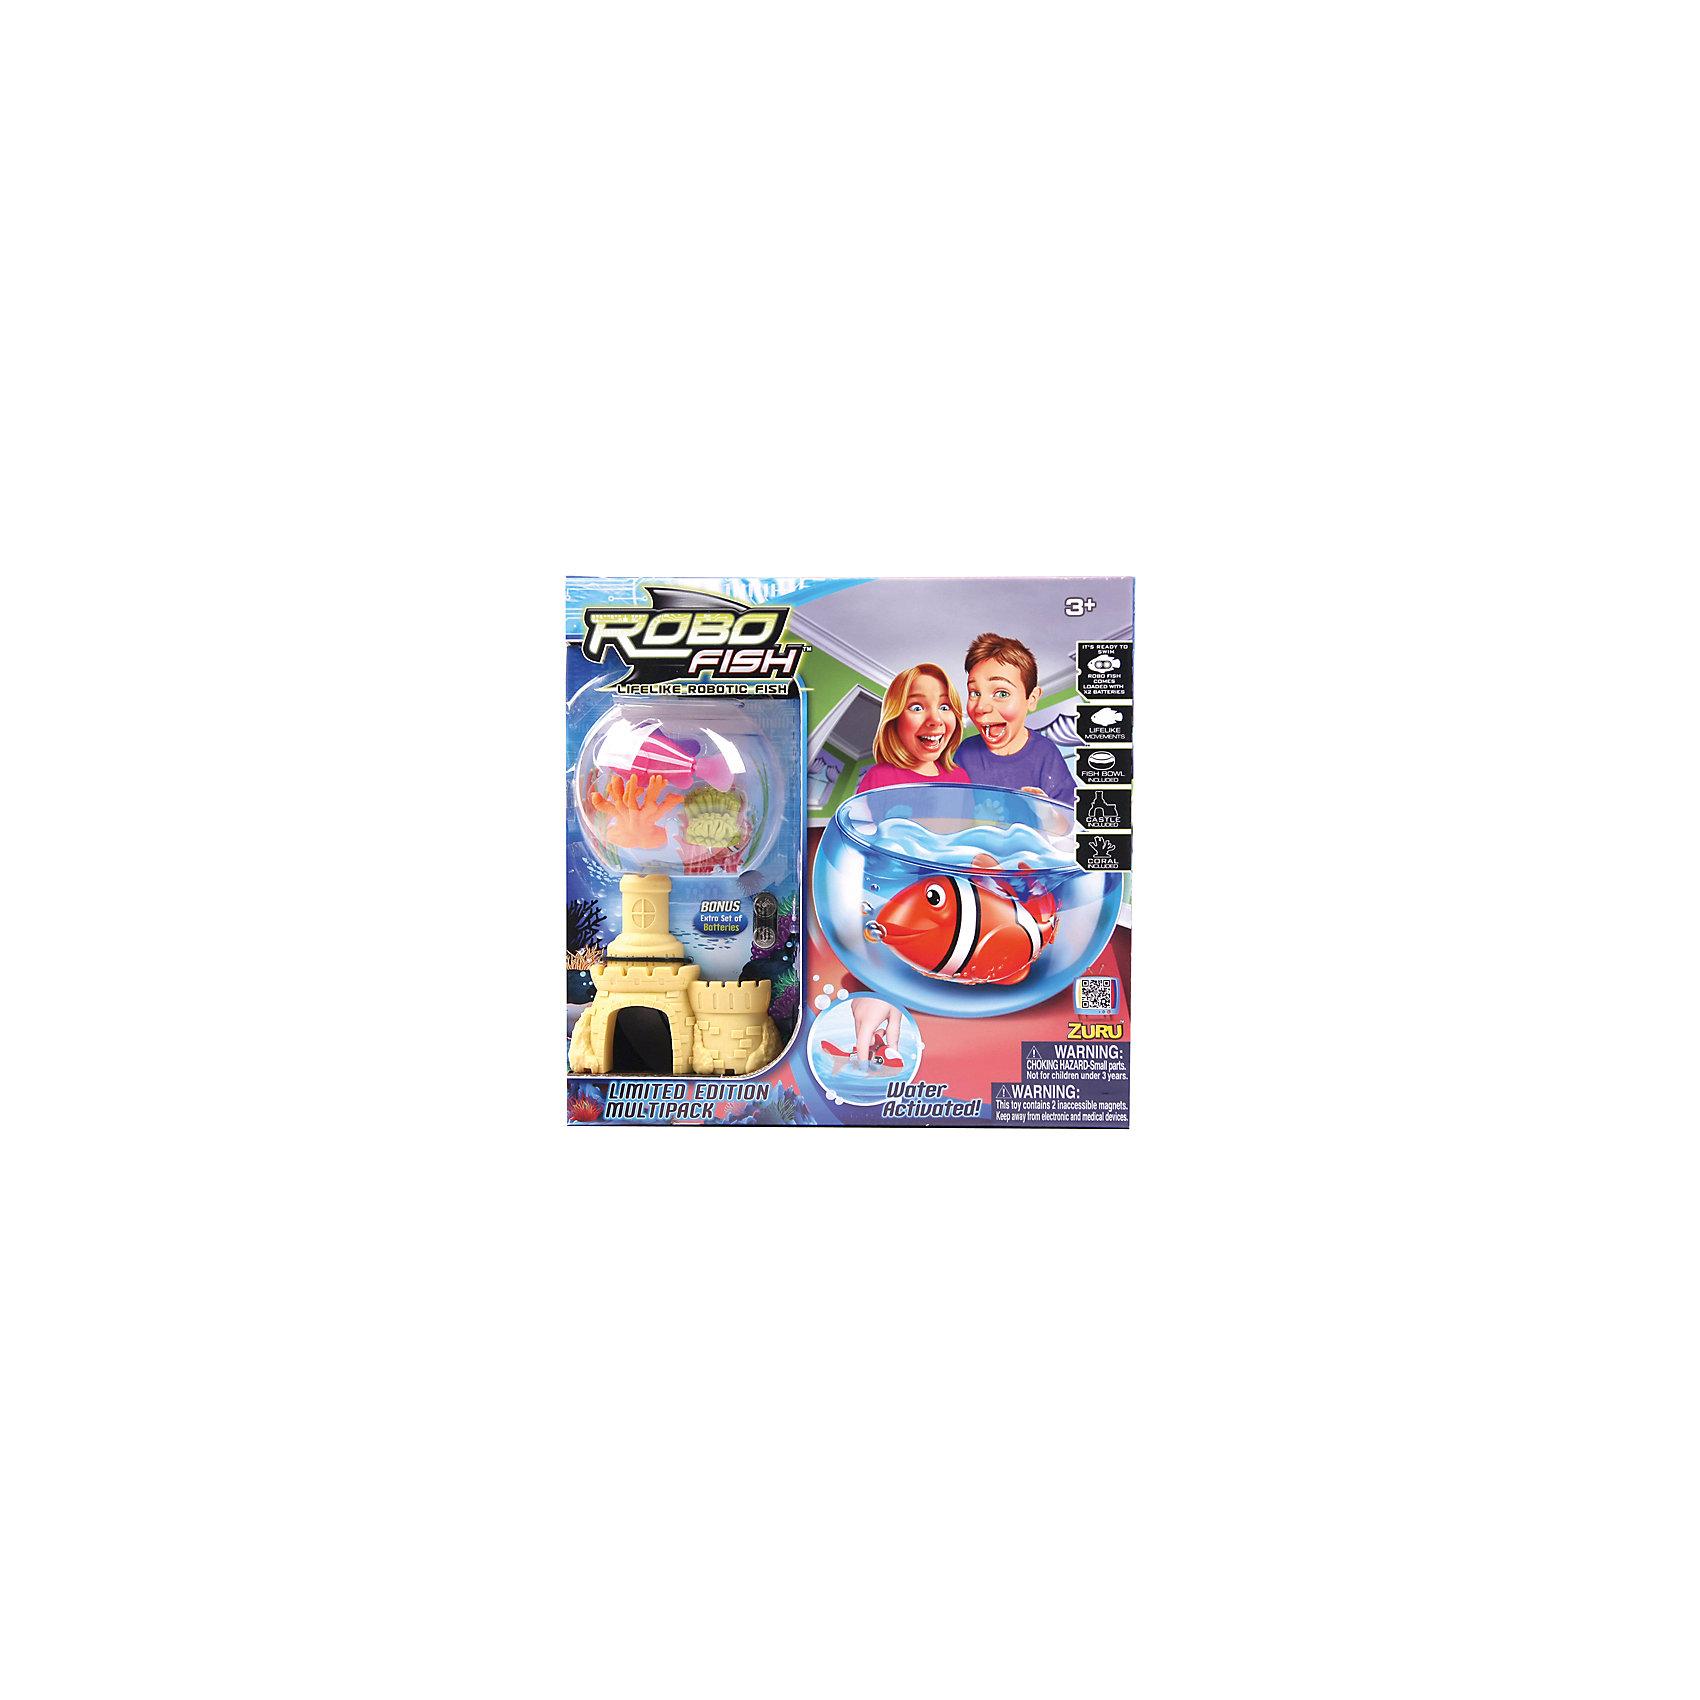 РобоРыбка с 2 кораллами, замком и  аквариумом, ZURUЗаводные игрушки<br>Характеристики товара:<br><br>• возраст от 3 лет<br>• материал: пластик<br>• в комплекте: аквариум, рыбка, замок, 2 коралла<br>• длина рыбки 7,5 см<br>• объем аквариума 4-4,5 литра<br>• тип батареек: 2 х A76 / LR44, 1.5V<br>• наличие батареек: входят в комплект<br>• размер упаковки 28х29х17 см<br>• вес упаковки 820 г.<br>• упаковка: картонная коробка блистерного типа<br>• страна бренда: Новая Зеландия<br>• страна производитель: Китай<br><br>Набор Роборыбка с 2 кораллами, замком и аквариумом Zuru — увлекательная игрушка, которая позволит ребенку завести собственный аквариум с рыбкой. Удивительная рыбка умеет плавать, погружаться на дно и подниматься на поверхность. Дополнить и украсить аквариум можно кораллами и домиком для рыбки.<br><br>Внутри рыбки встроен электромагнитный моторчик, благодаря которому она умеет двигаться в 5 направлениях. Игрушка изготовлена из качественного безопасного пластика.<br><br>Роборыбку с 2 кораллами, замком и аквариумом Zuru можно приобрести в нашем интернет-магазине.<br><br>Ширина мм: 280<br>Глубина мм: 290<br>Высота мм: 170<br>Вес г: 820<br>Возраст от месяцев: 36<br>Возраст до месяцев: 2147483647<br>Пол: Унисекс<br>Возраст: Детский<br>SKU: 5544181